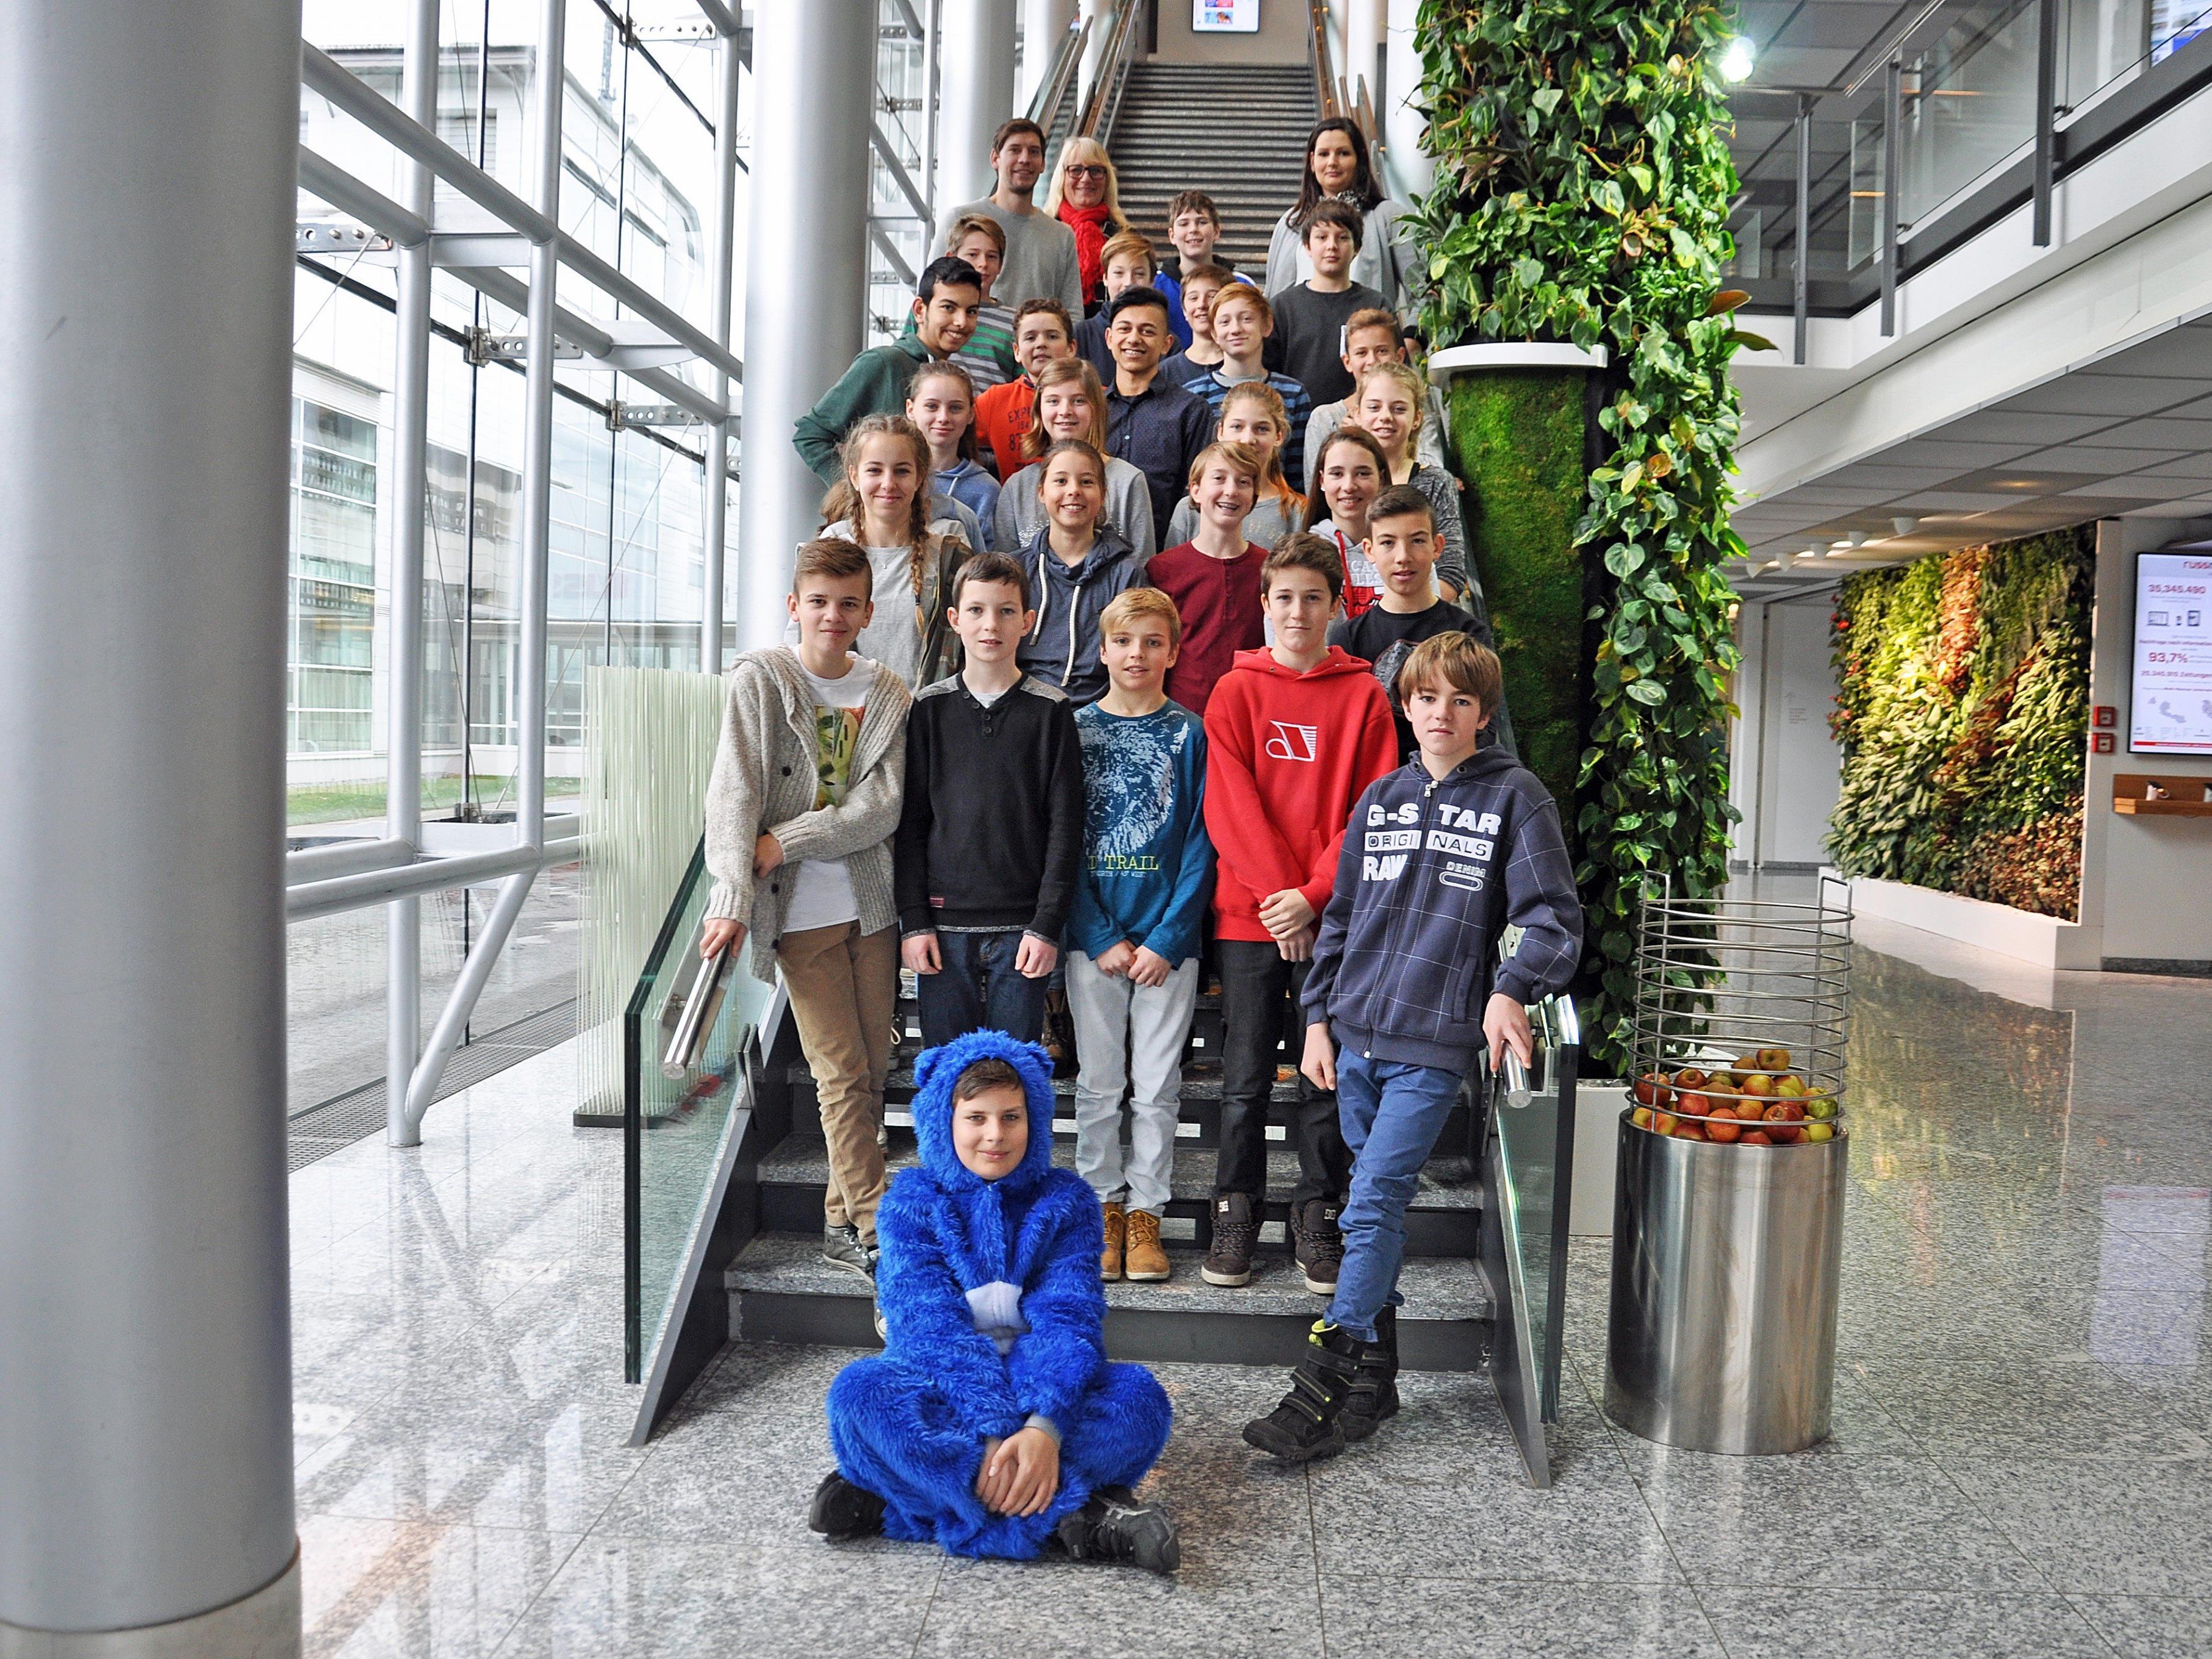 Die Schüler der Klassen 3a, 3b und 3c der Mittelschule Rankweil West bekamen einen Einblick in die heimische Medienlandschaft.